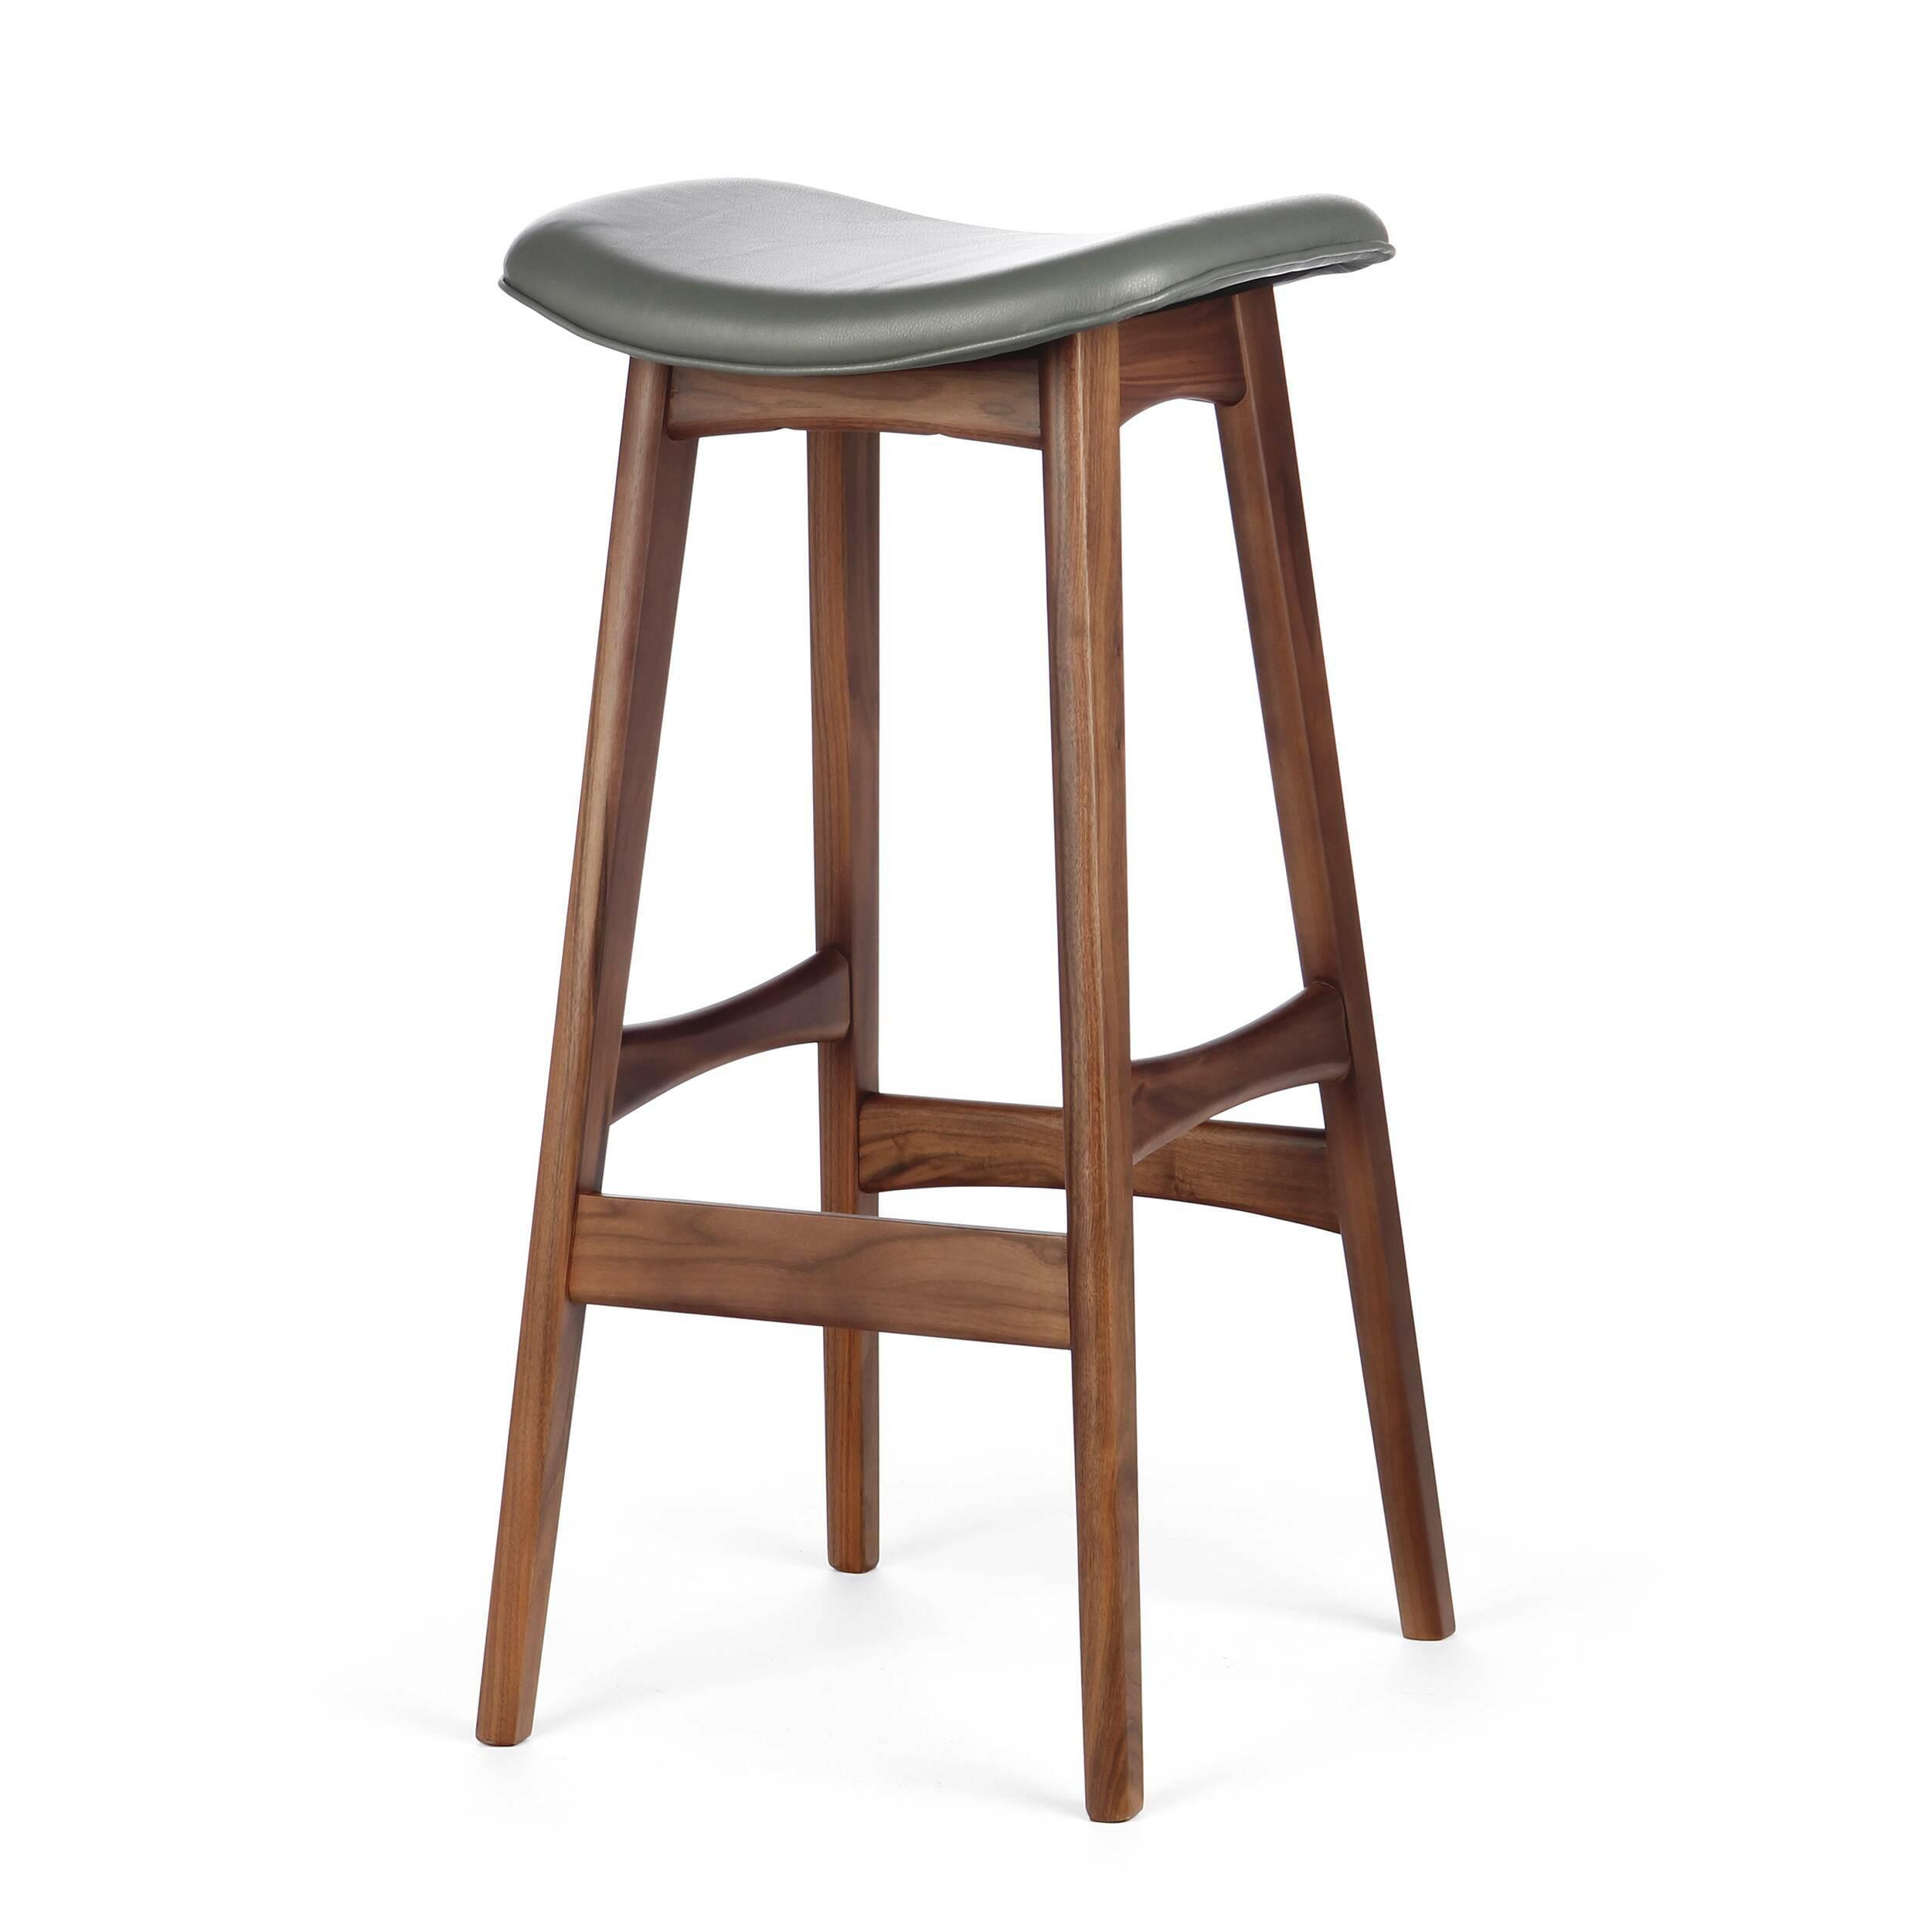 Барный стул Allegra высота 77Барные<br>Дизайнерский барный стул Allegra (Аллегра) на деревянном каркасе без спинки в различных цветах от Cosmo (Космо).Это универсальный стул для дома и частных заведений. Он отлично подойдет как для баров и ресторанов, так и для уютных гостиных и кухонь. Цвет натурального дерева и простота деталей делают его по-настоящему лаконичным, благодаря чему он прекрасно впишется в интерьеры различной стилевой направленности.<br> <br> Стройный силуэт оригинального барного стула Allegra высота 77 составляют прямы...<br><br>stock: 3<br>Высота: 76,5<br>Ширина: 40<br>Глубина: 38,5<br>Цвет ножек: Орех<br>Материал ножек: Массив ореха<br>Цвет сидения: Темно-серый<br>Тип материала сидения: Кожа<br>Коллекция ткани: Harry Leather<br>Тип материала ножек: Дерево